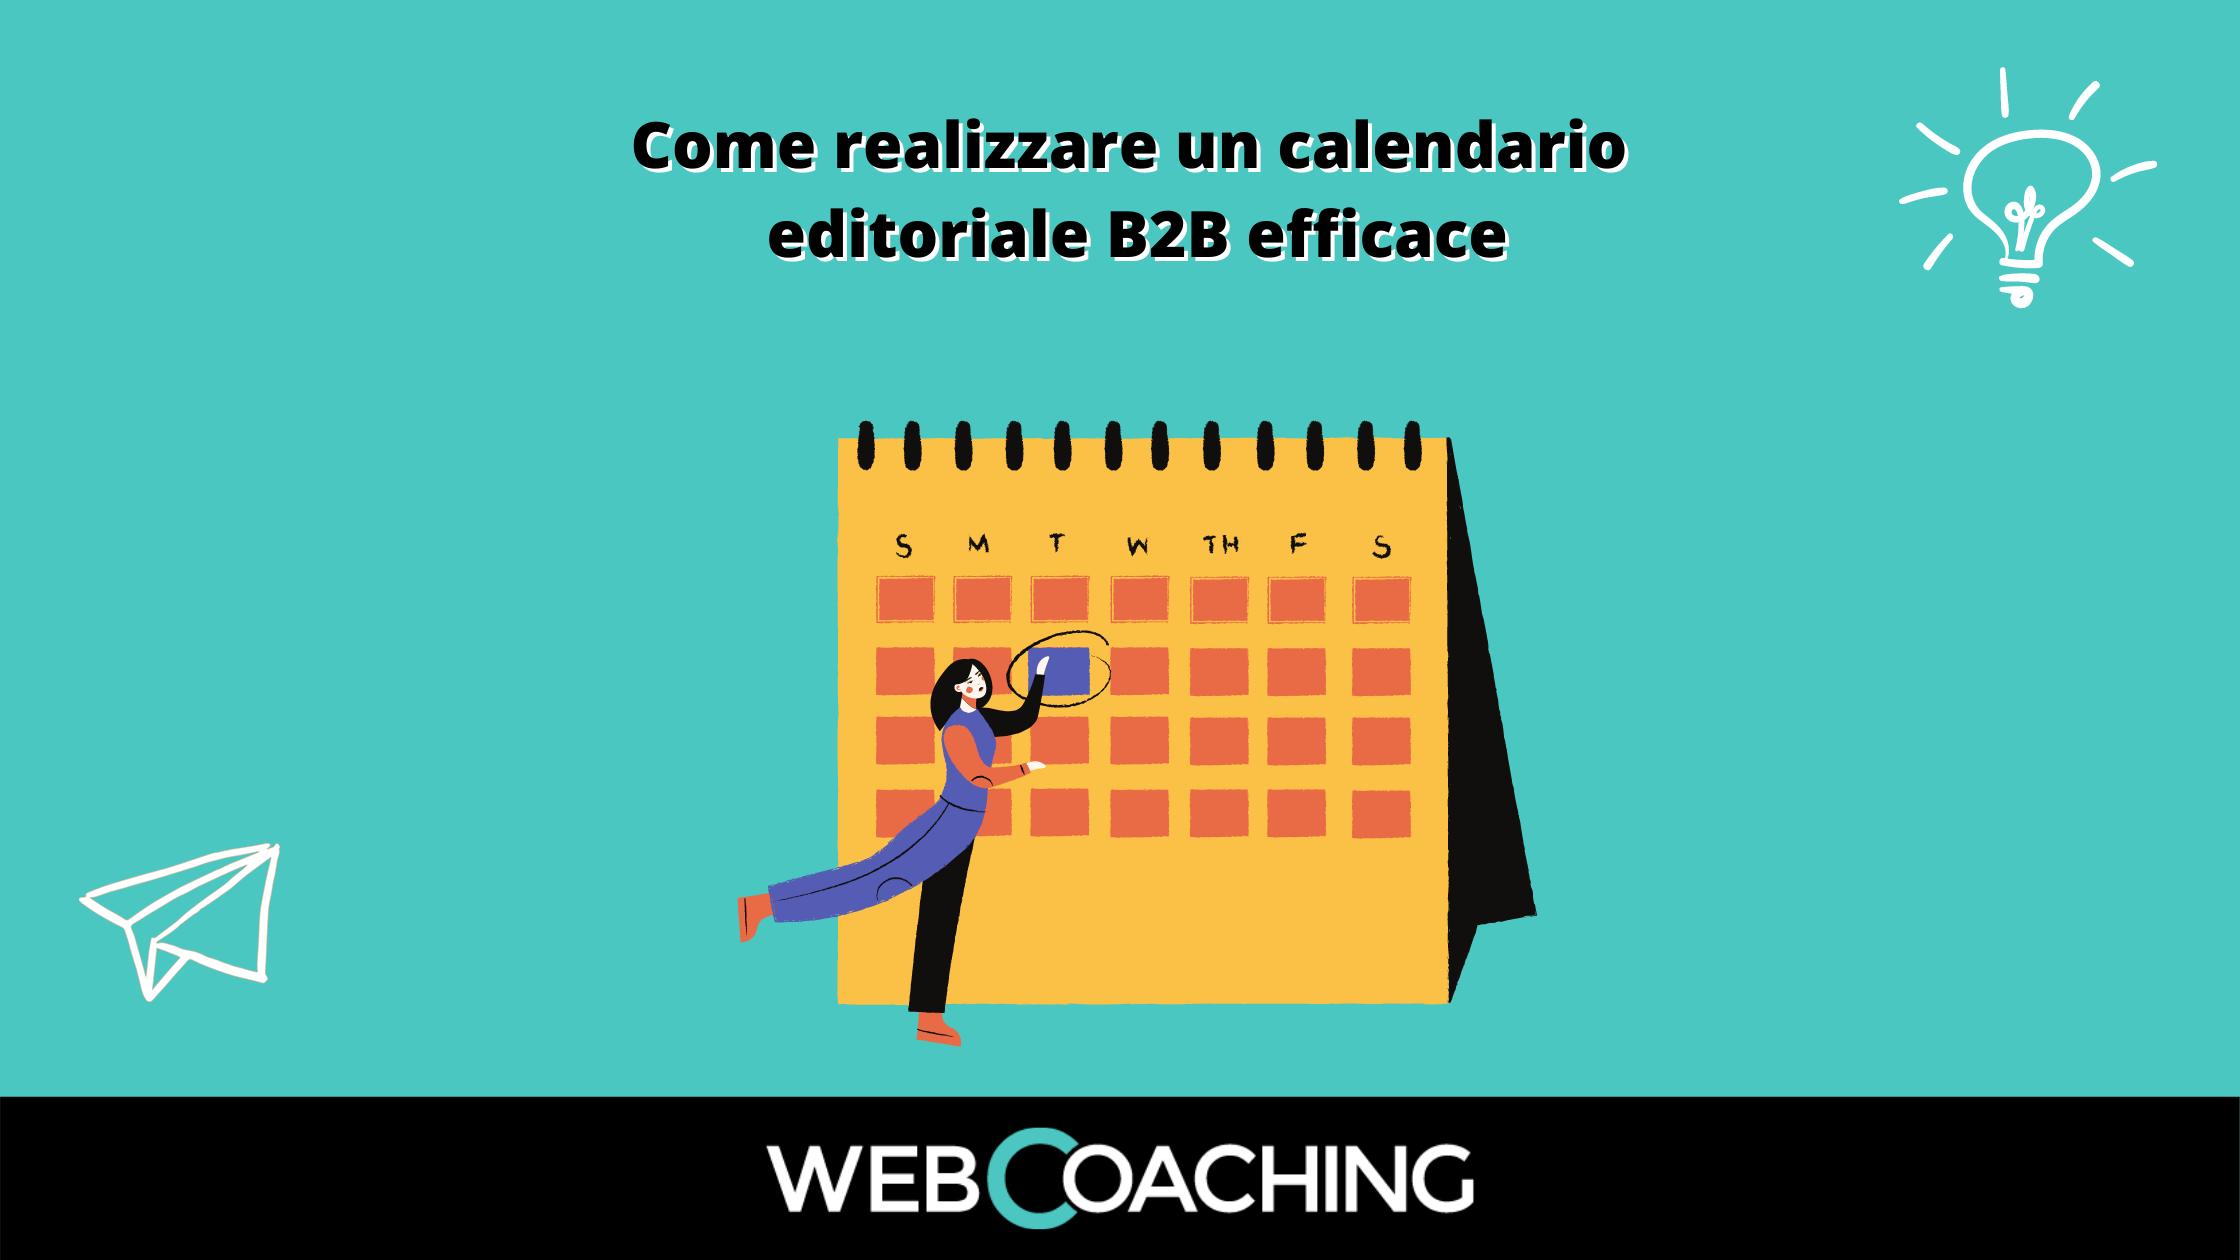 Calendario editoriale B2B efficace